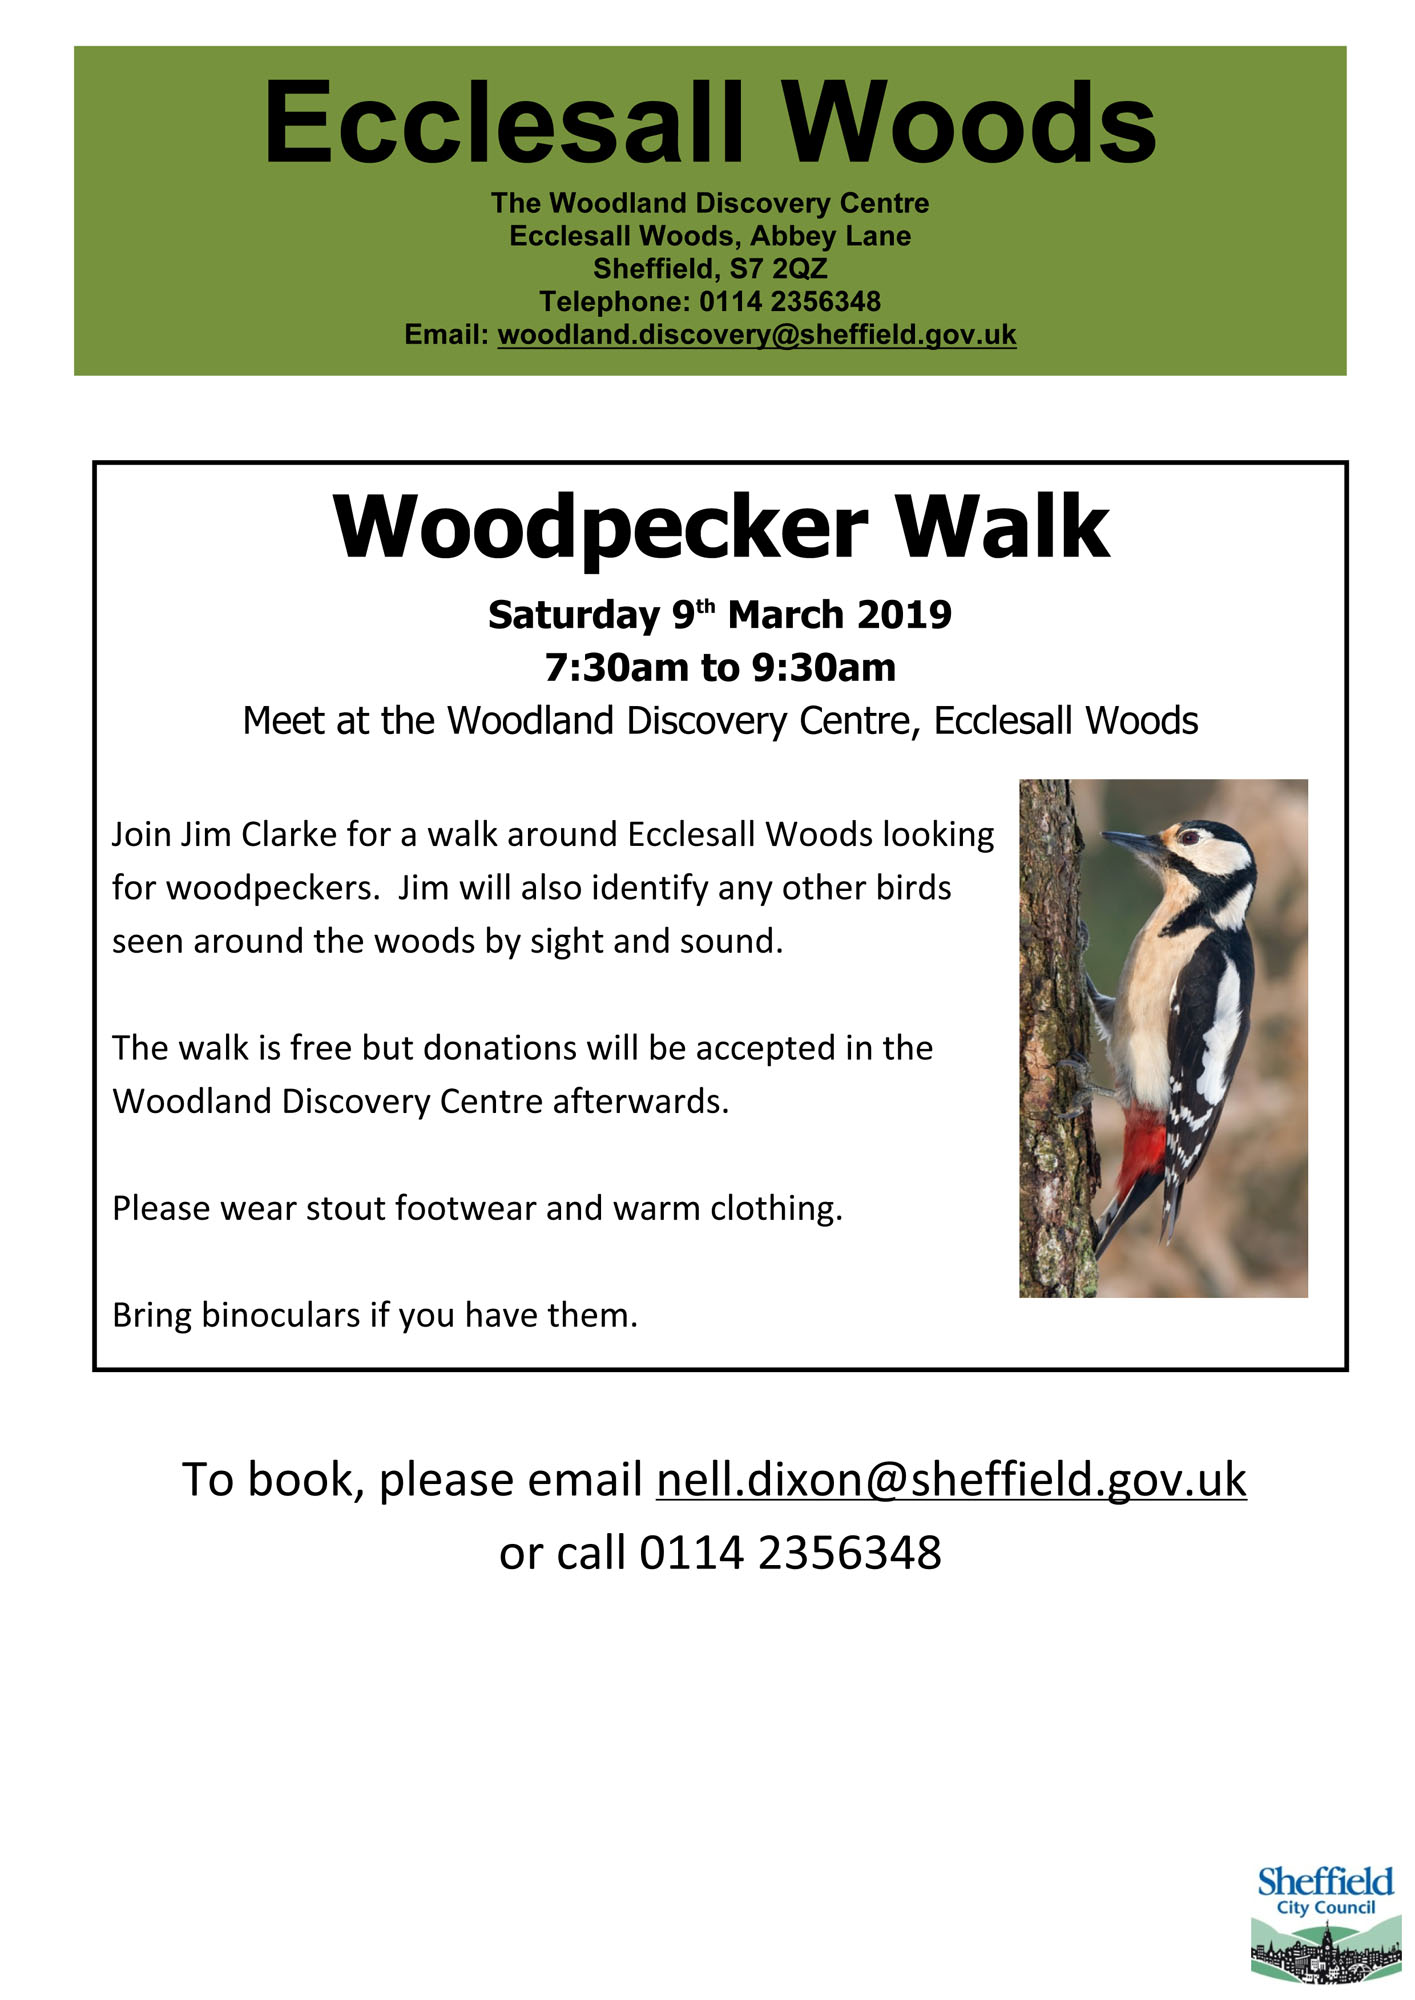 Woodpecker walk on Saturday 9th March